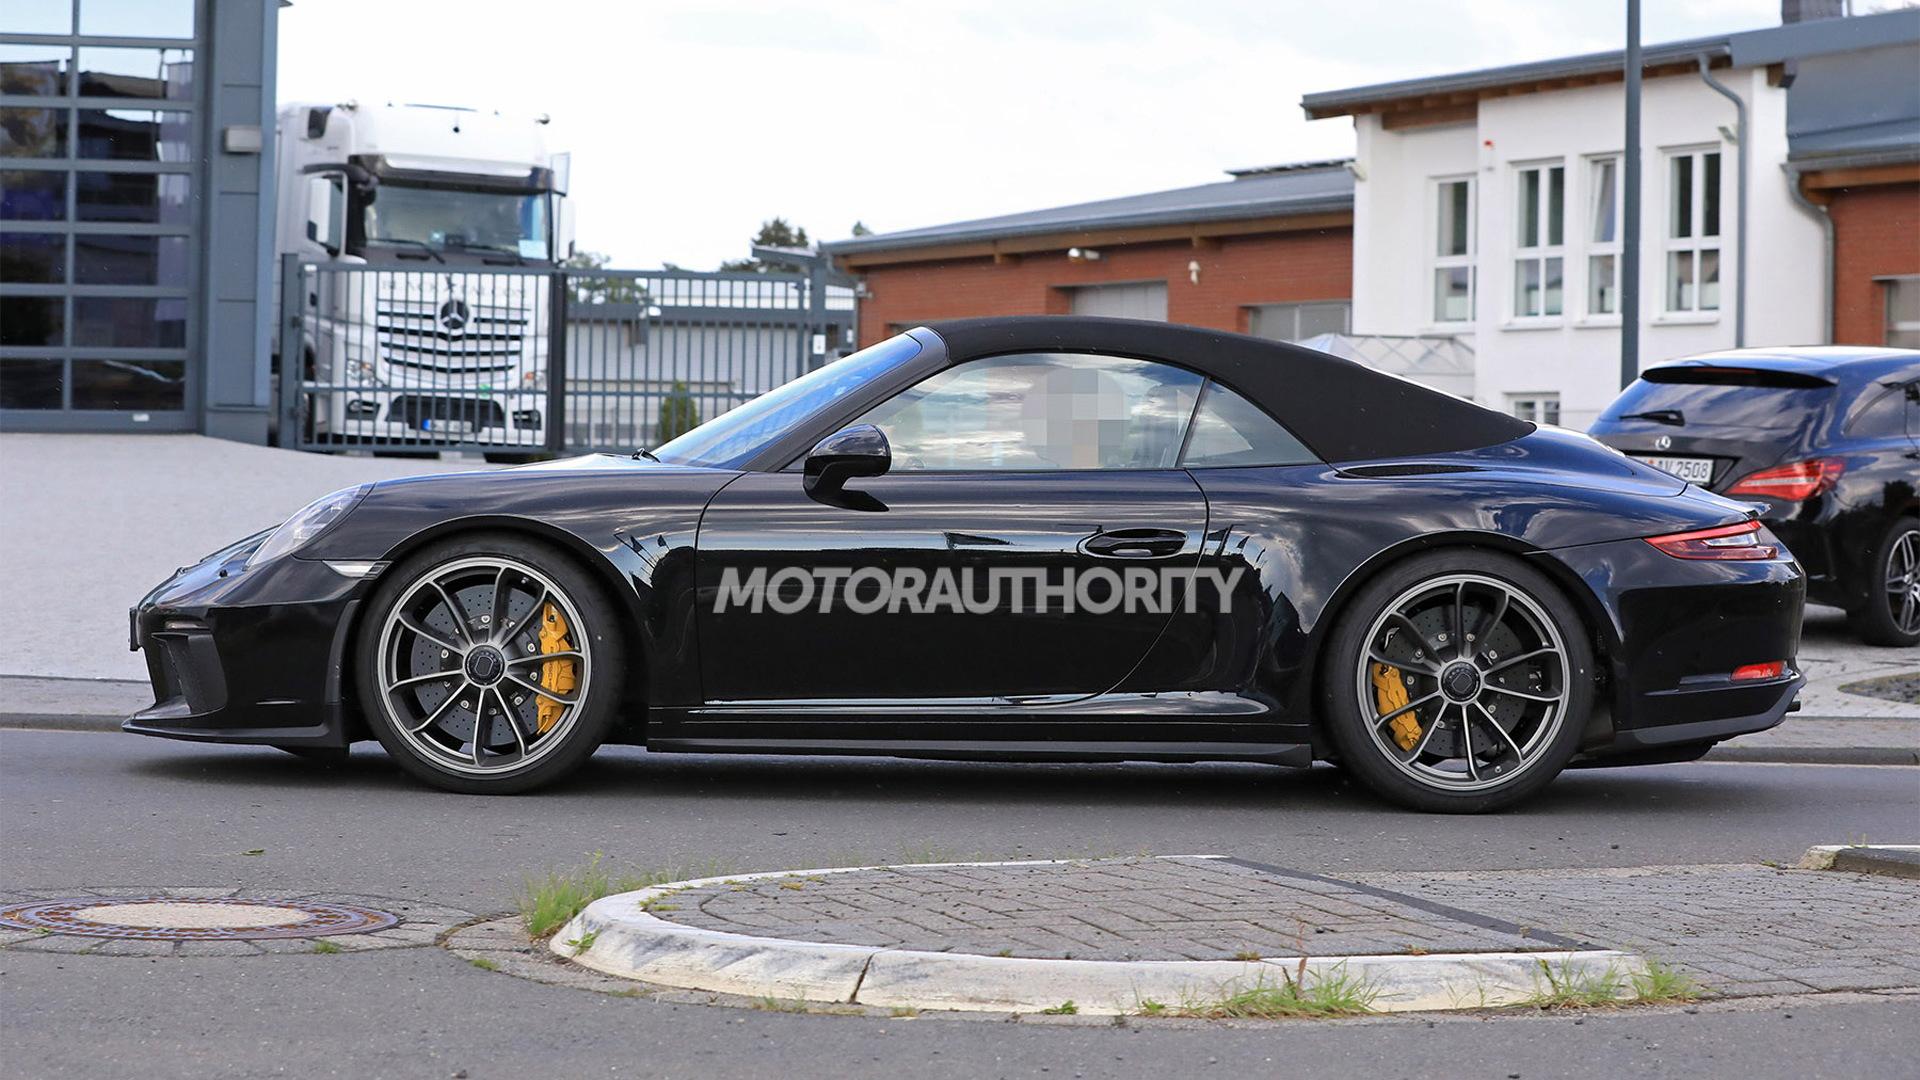 2019 Porsche 911 GT3 Touring Cabriolet spy shots - Image via S. Baldauf/SB-Medien